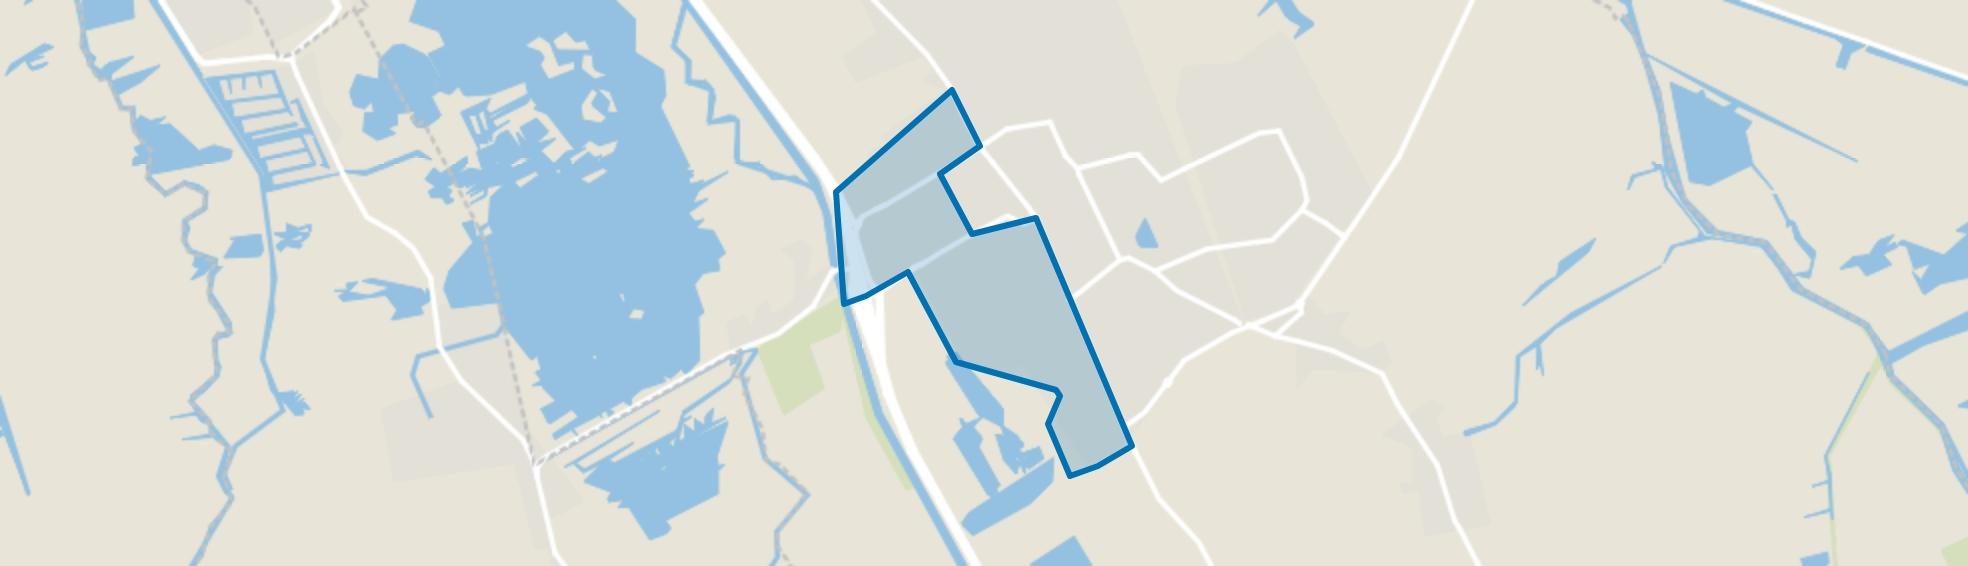 Haren-Zuidwest, Haren (GR) map